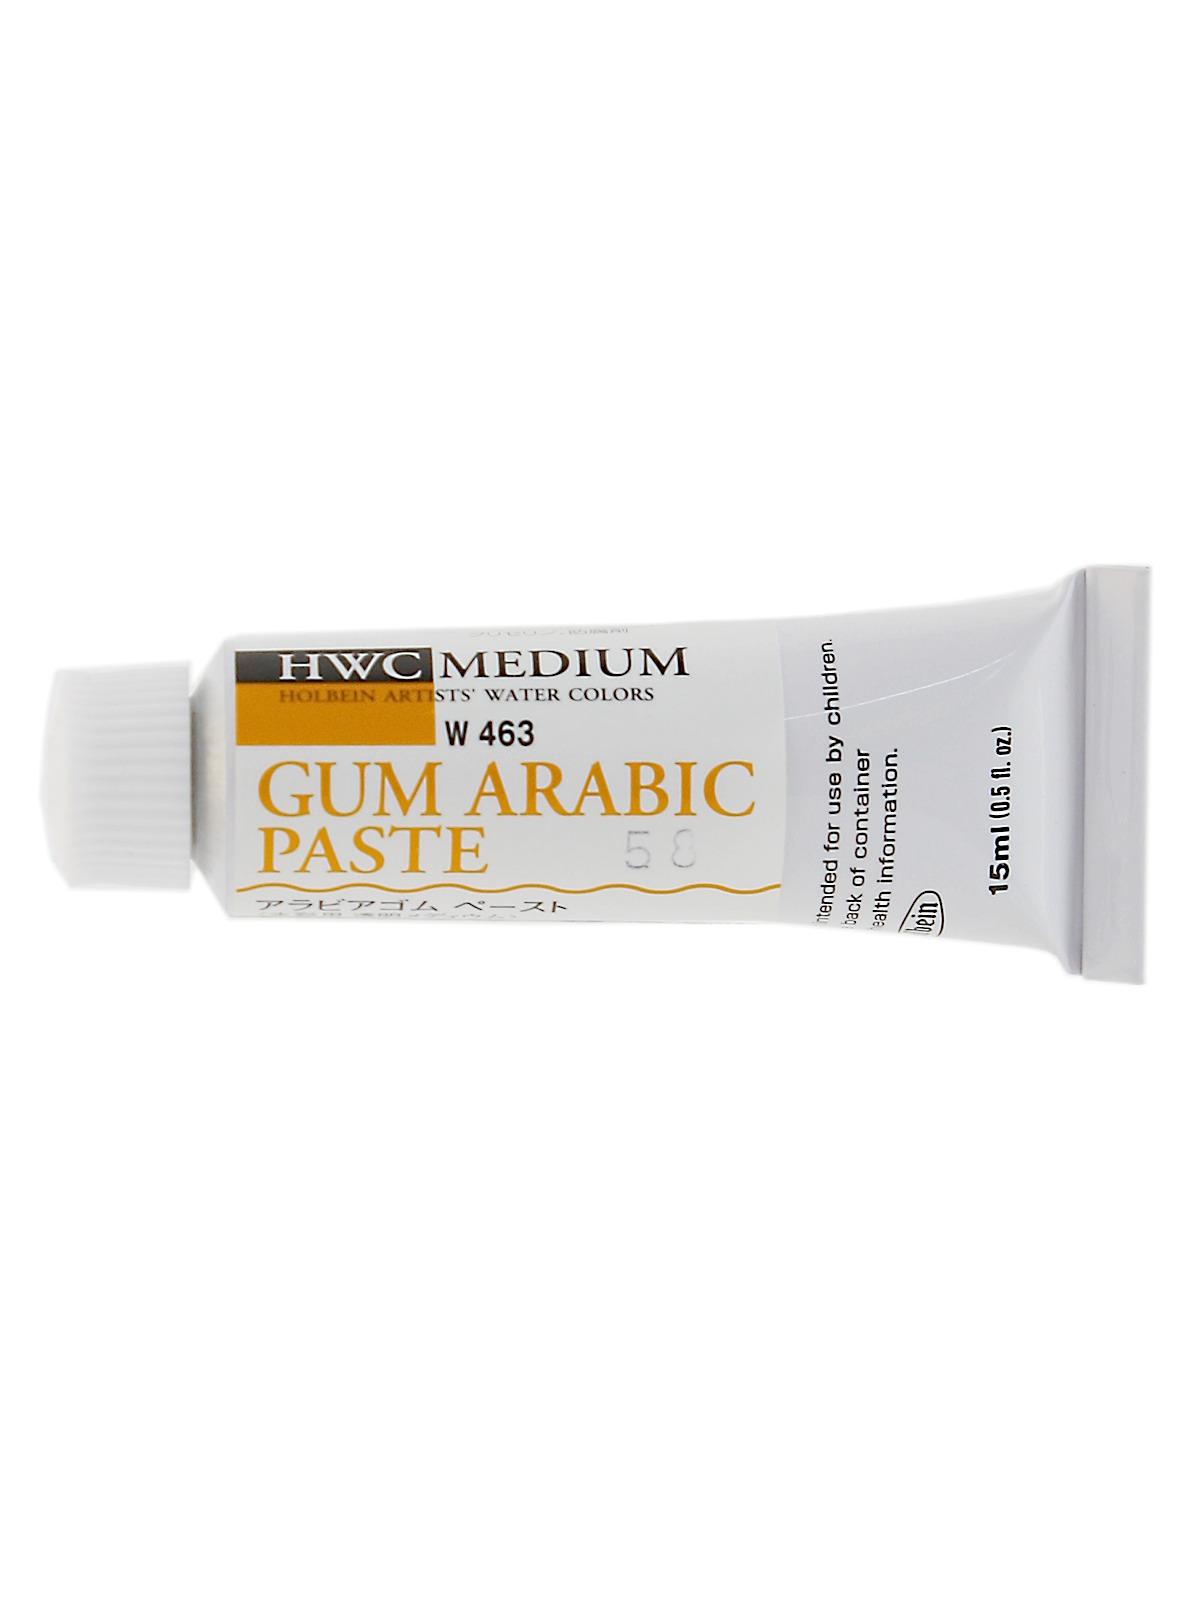 Gum Arabic Paste